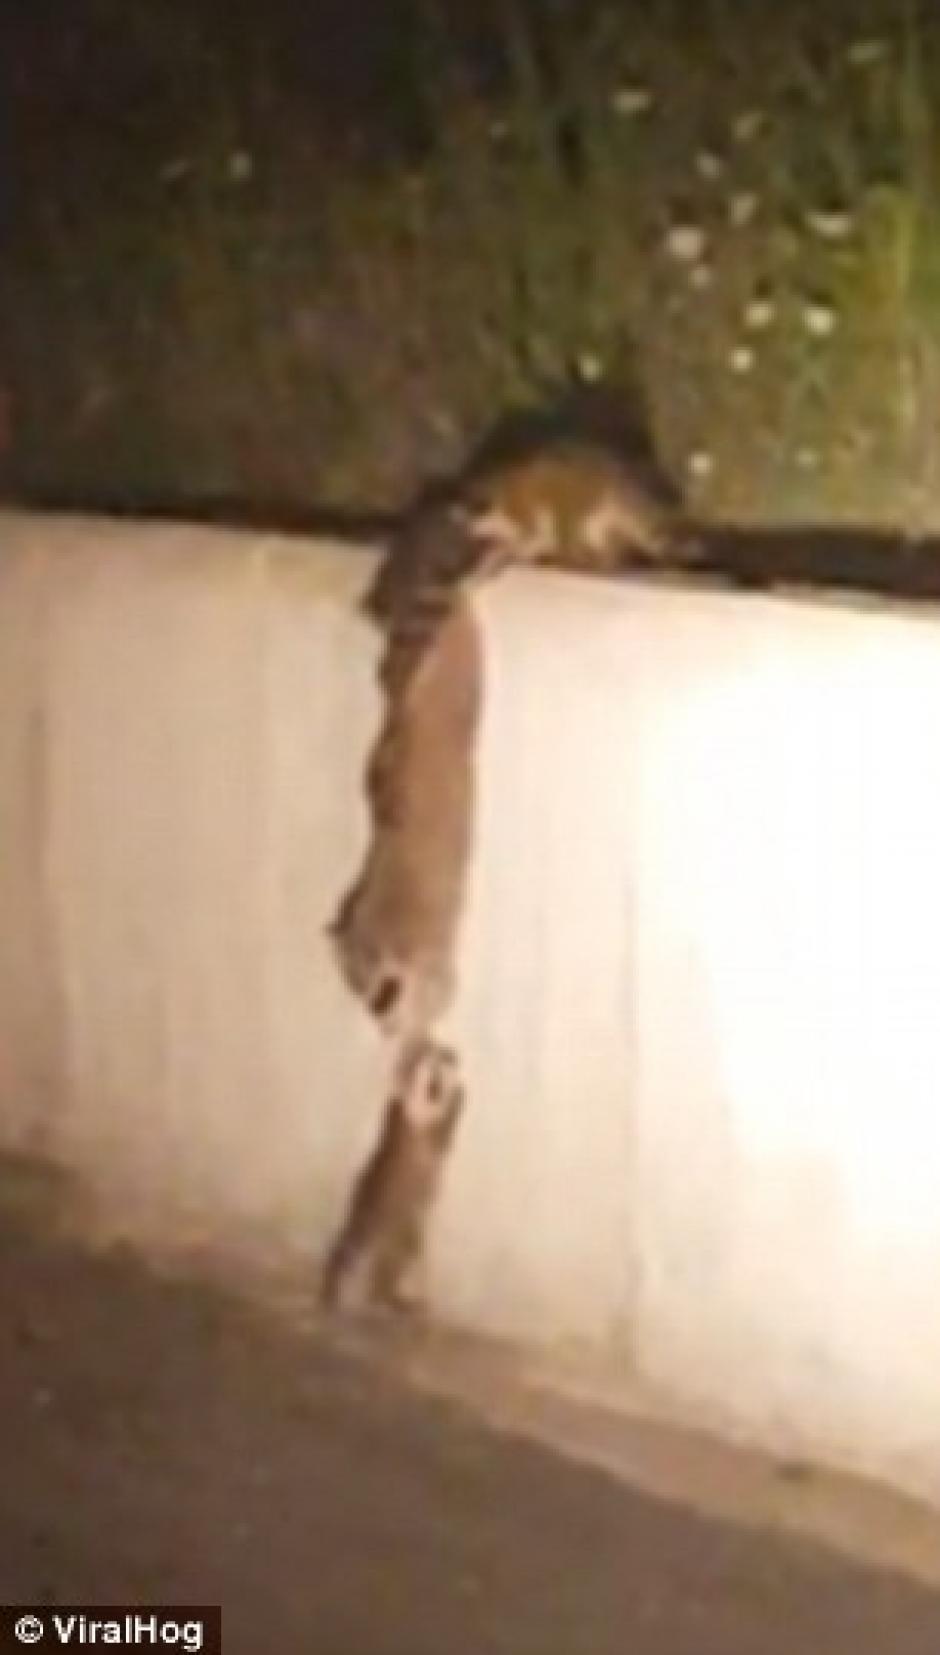 Un video de una madre mapache ayudando a su cría ha conmovido a las redes. (Foto: dailymail)